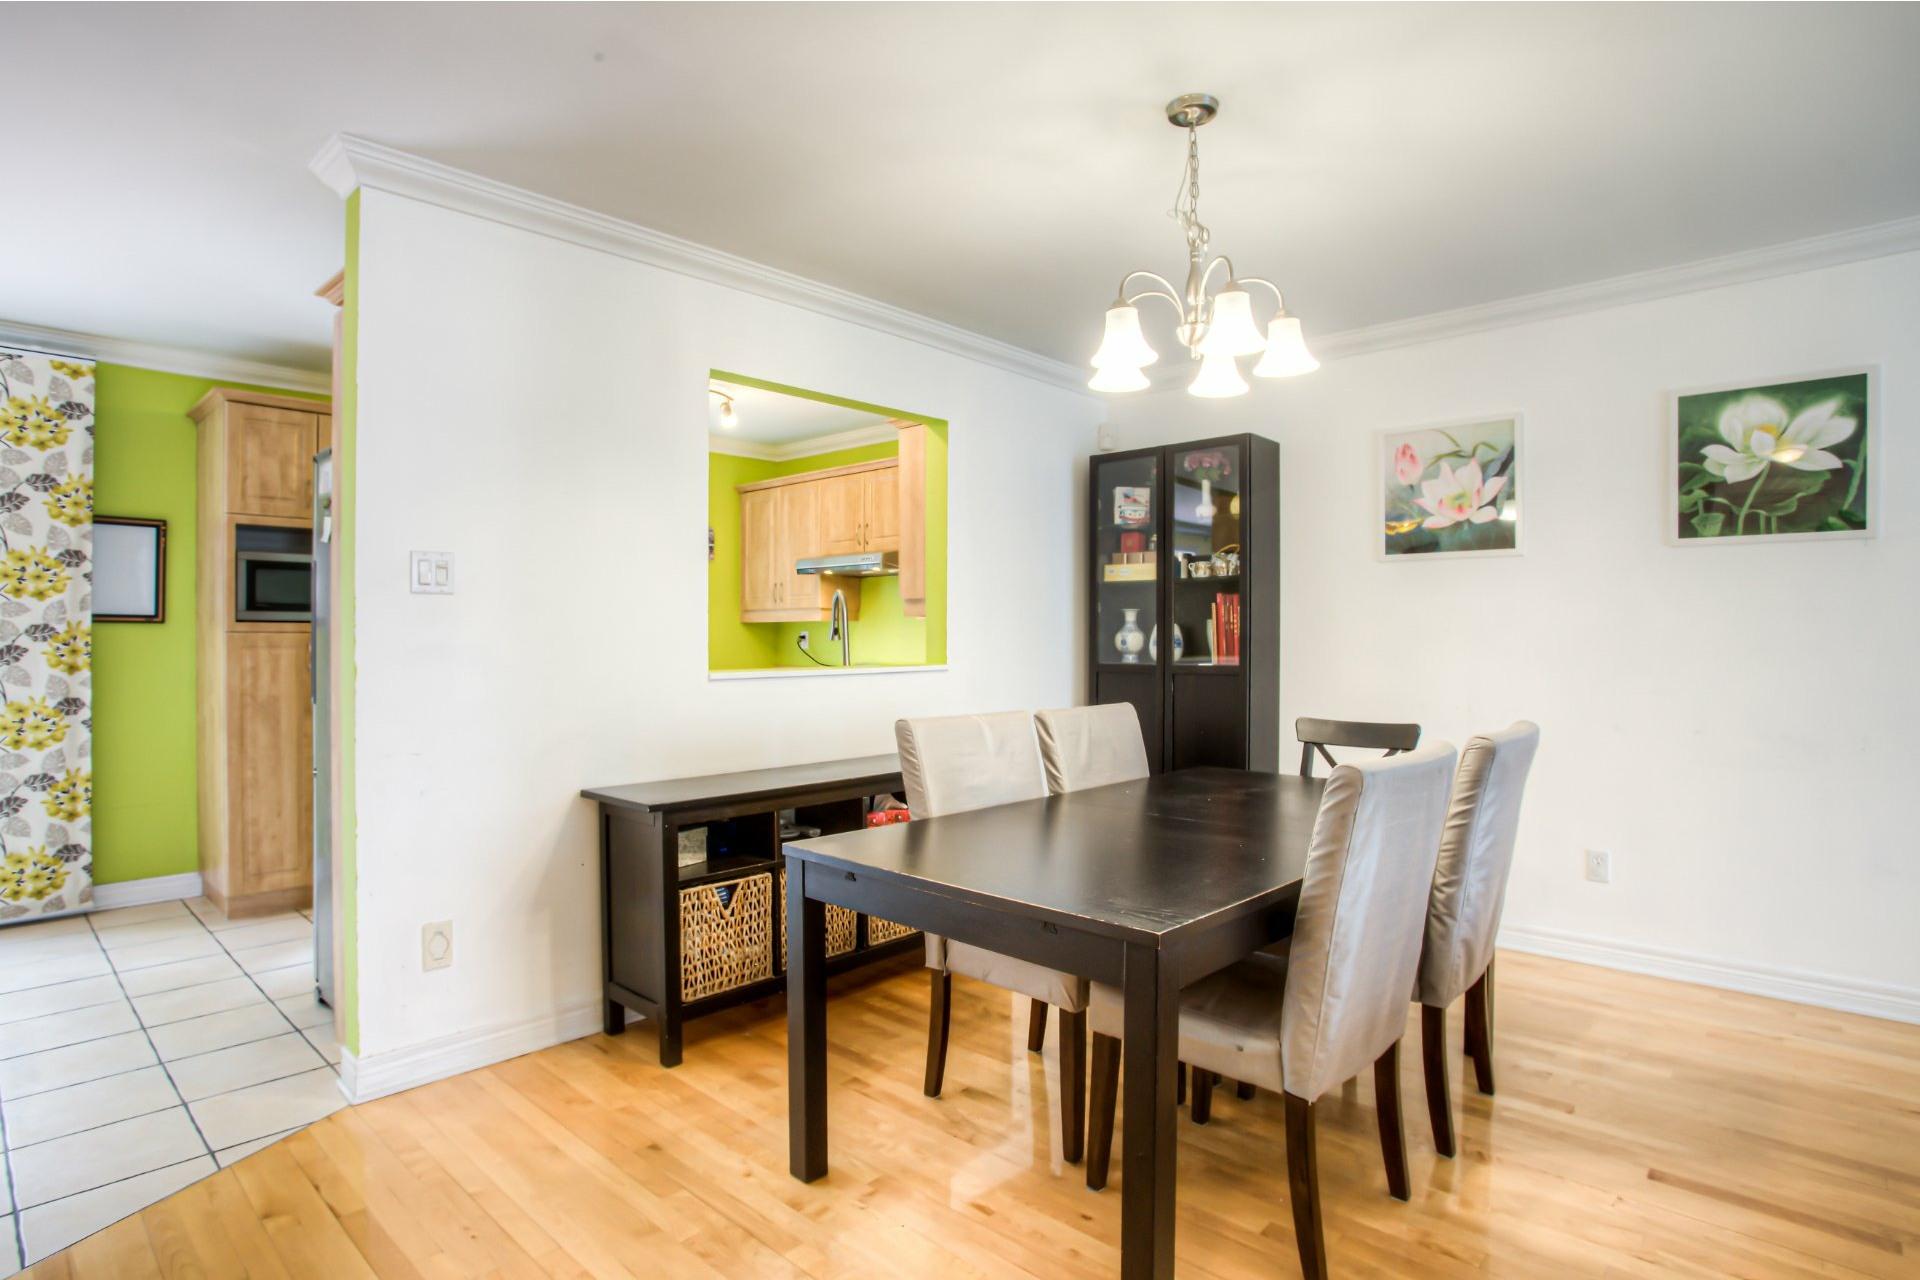 image 9 - Maison À vendre Pierrefonds-Roxboro Montréal  - 11 pièces